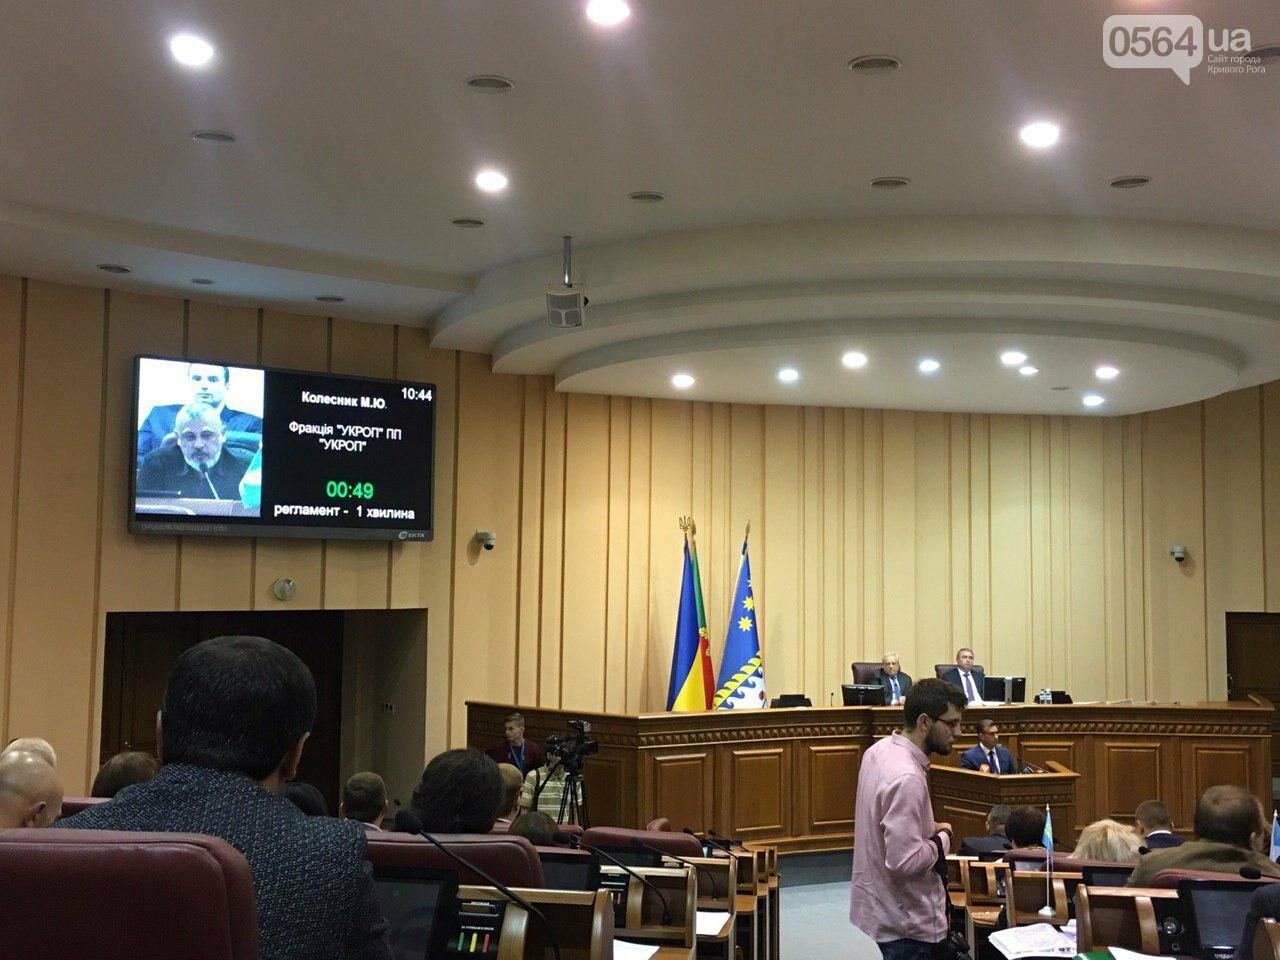 Криворожский городской совет не доверил экс-нардепу Павлову должность заместителя мэра, - ФОТО, фото-9